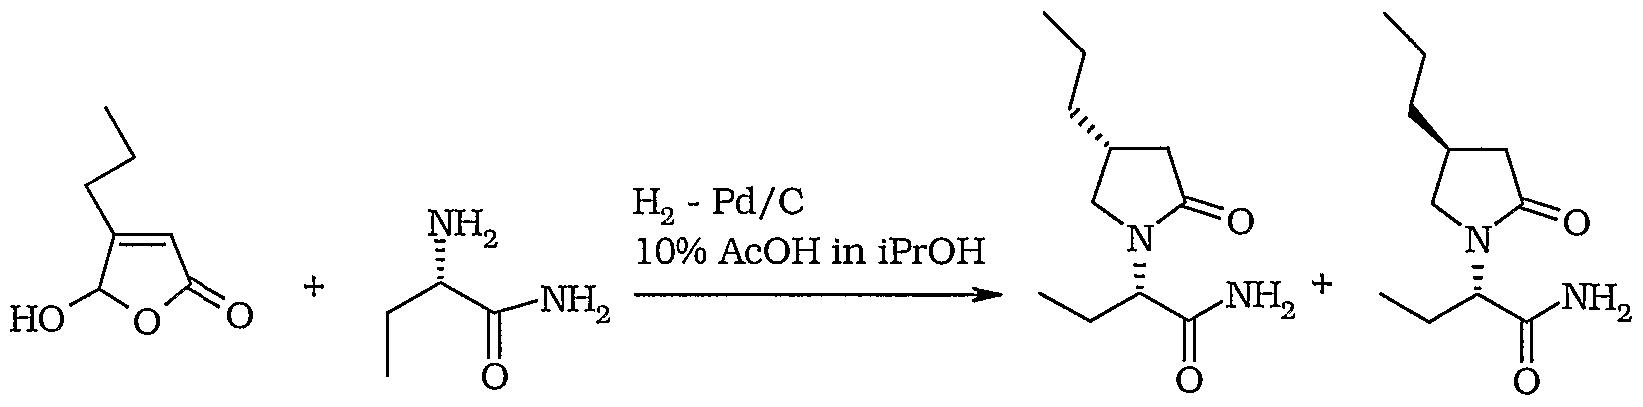 Figure imgf000009_0002